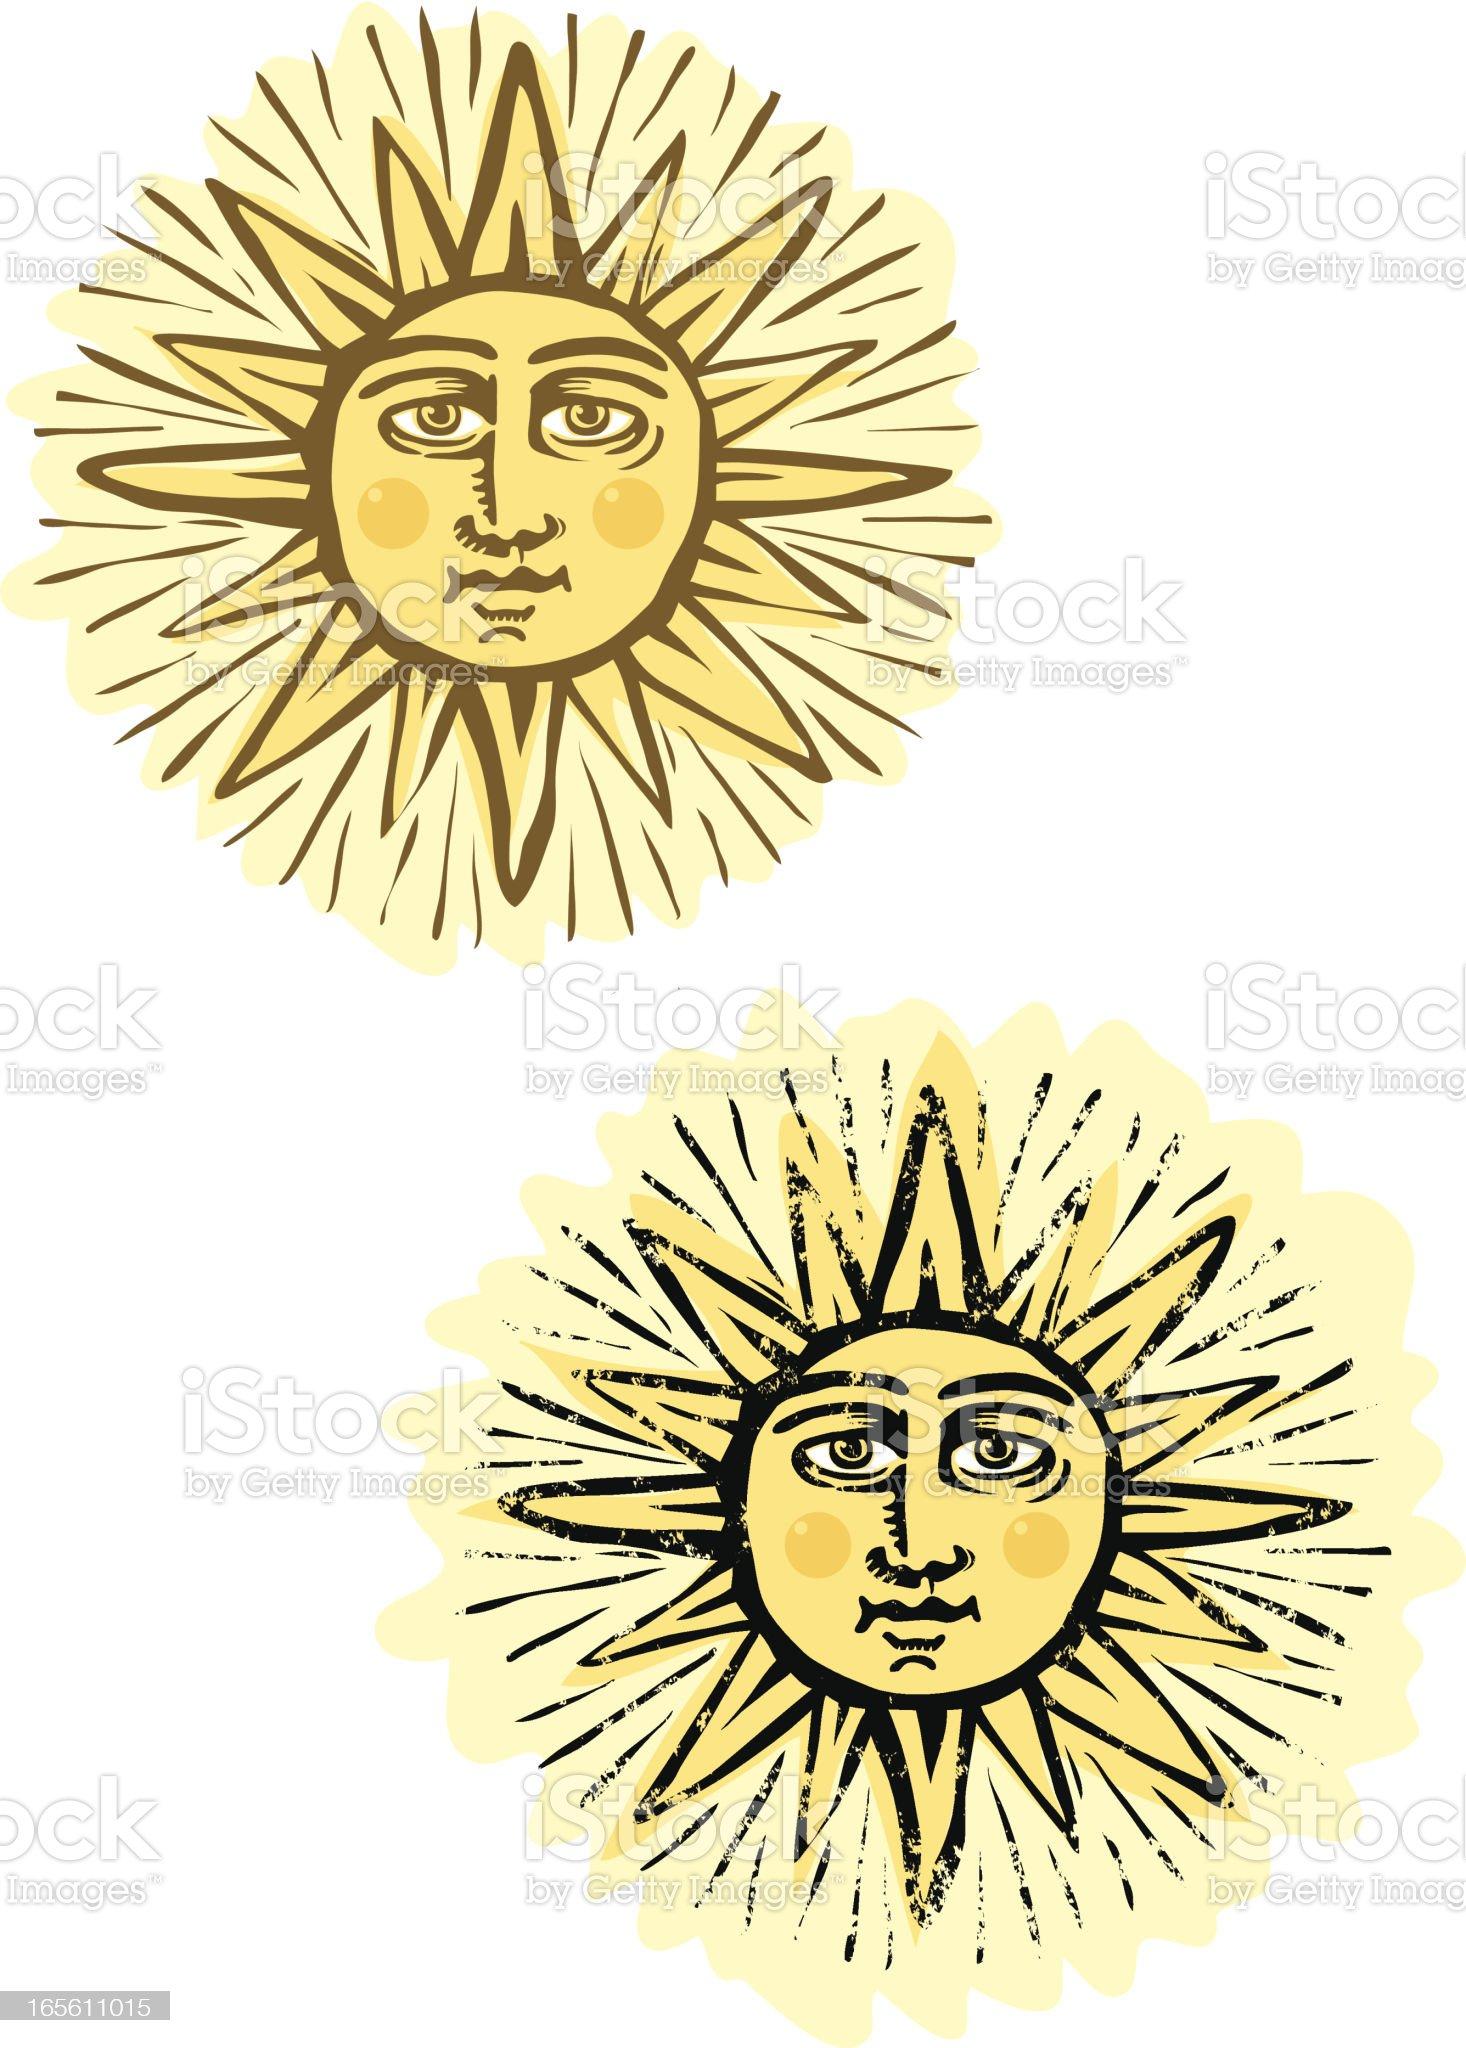 Sunny royalty-free stock vector art